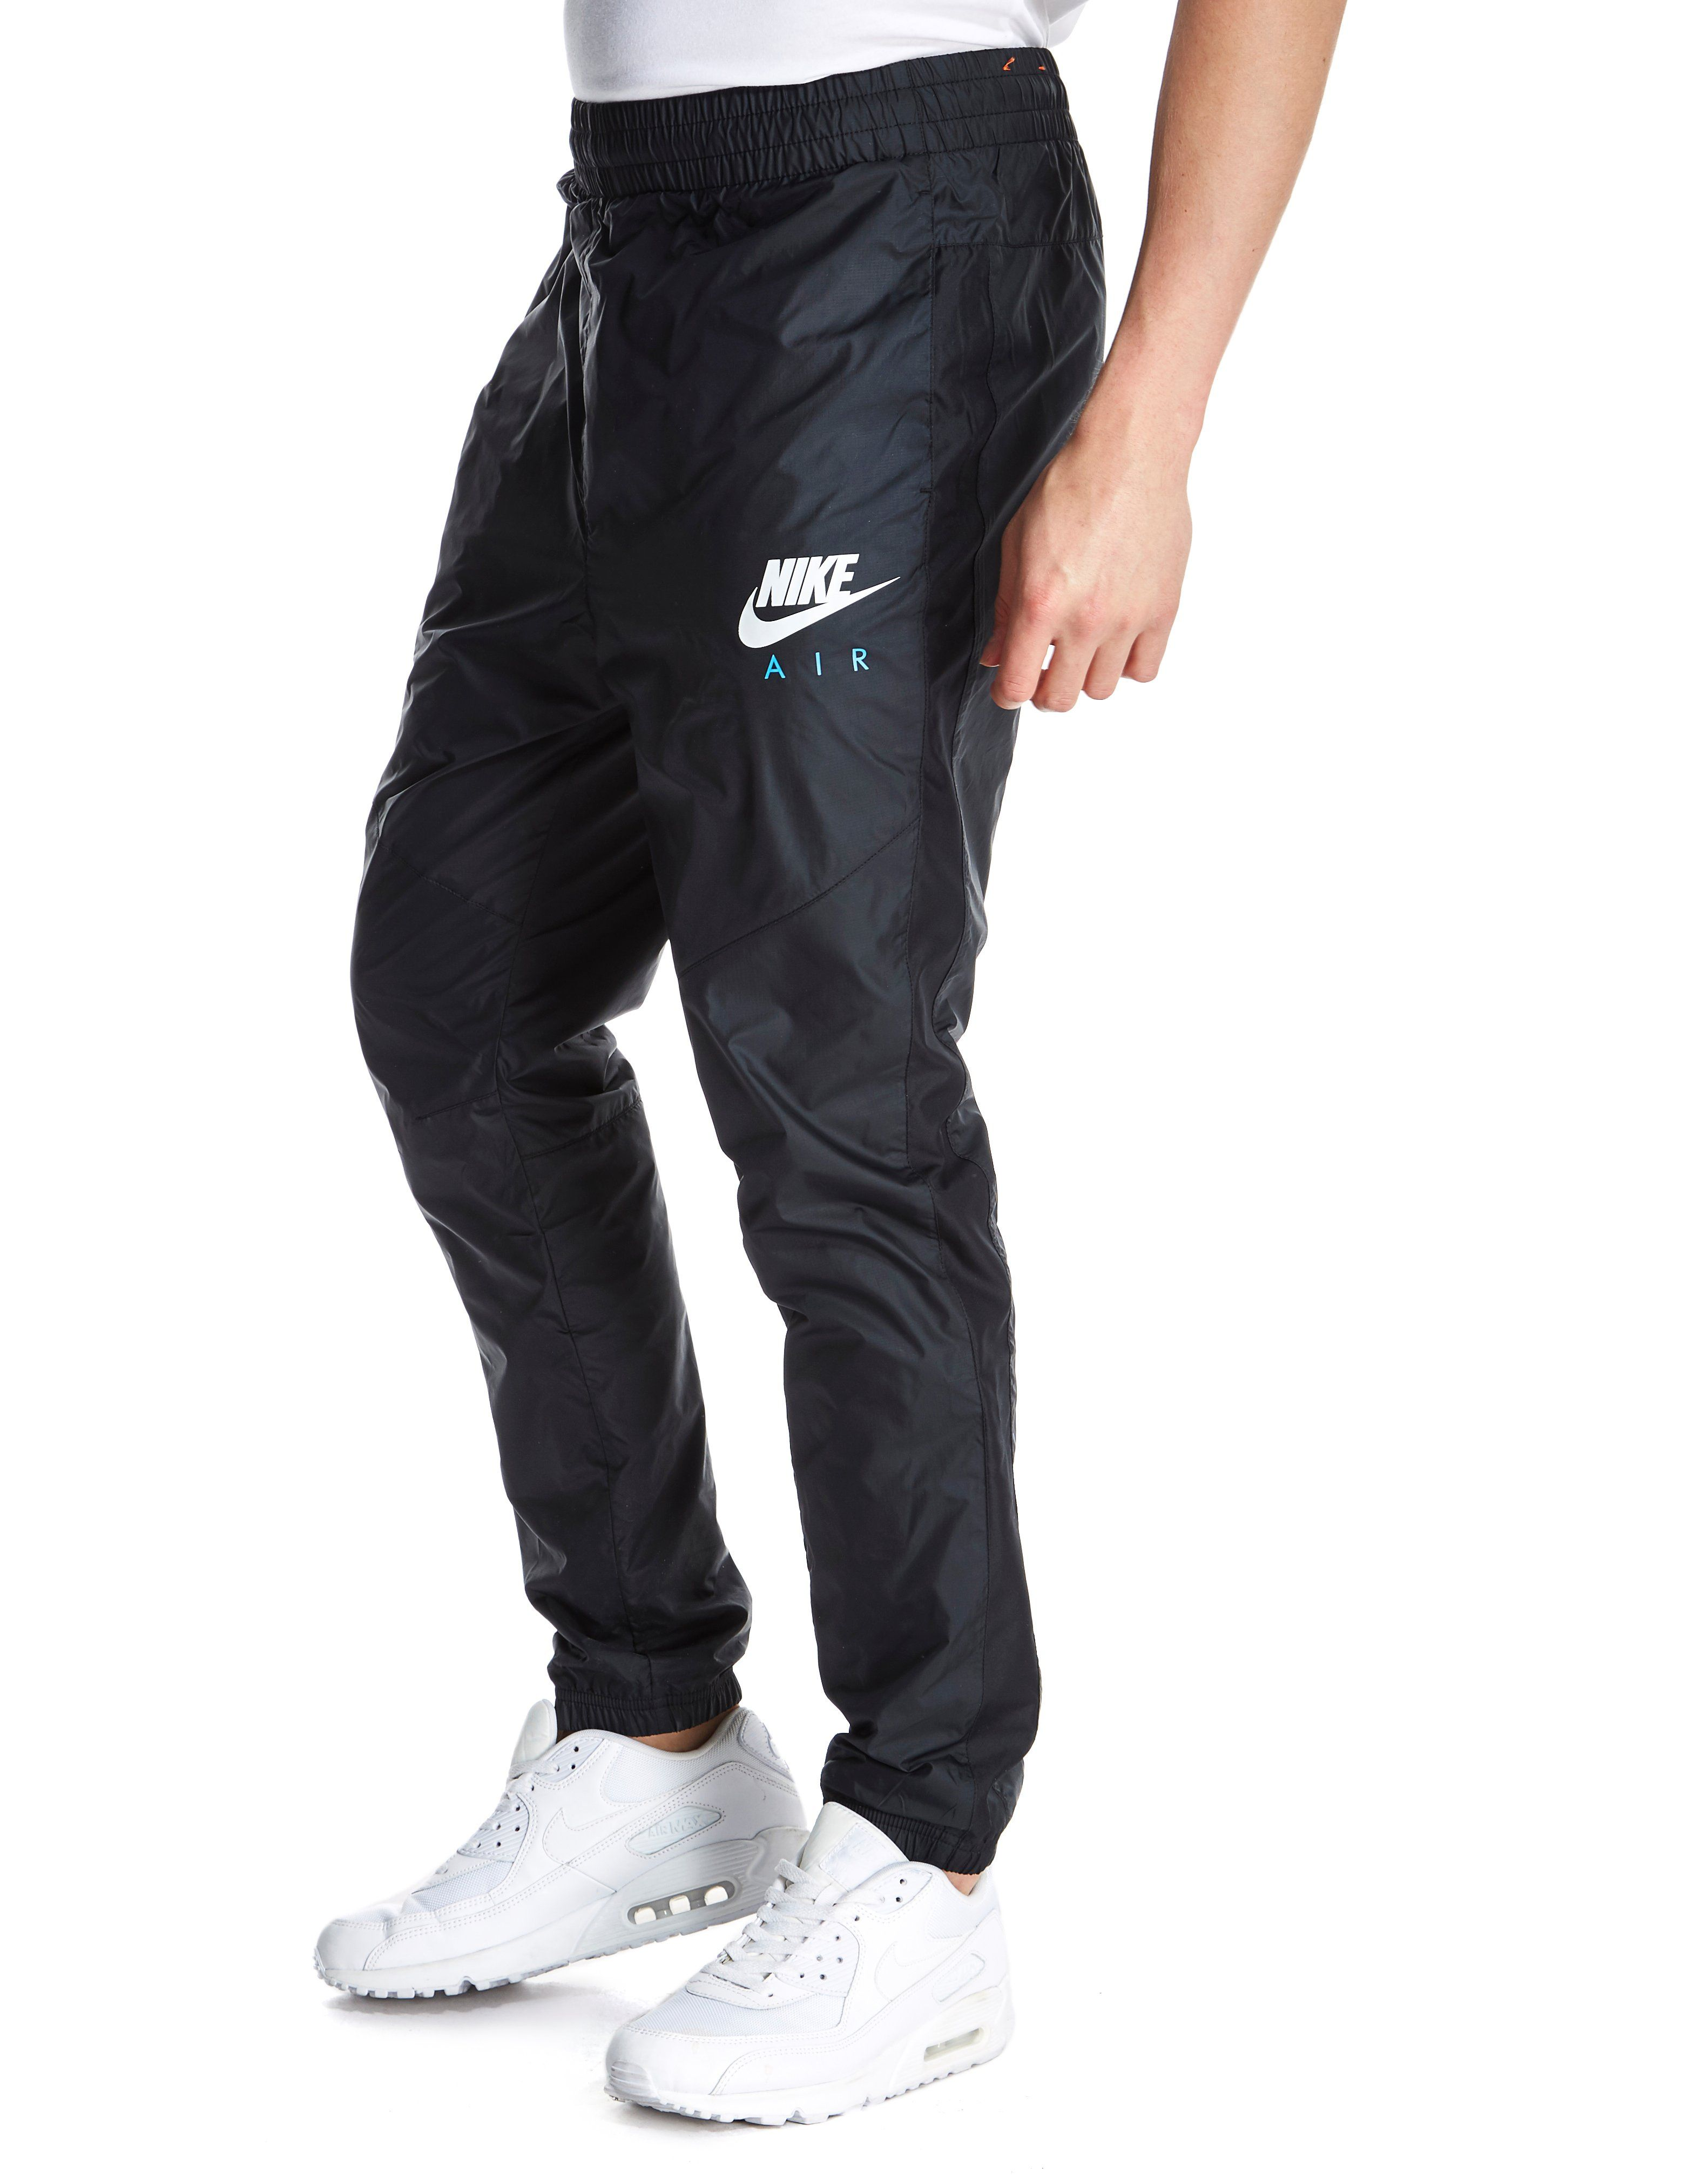 Cargo shorts with nike socks